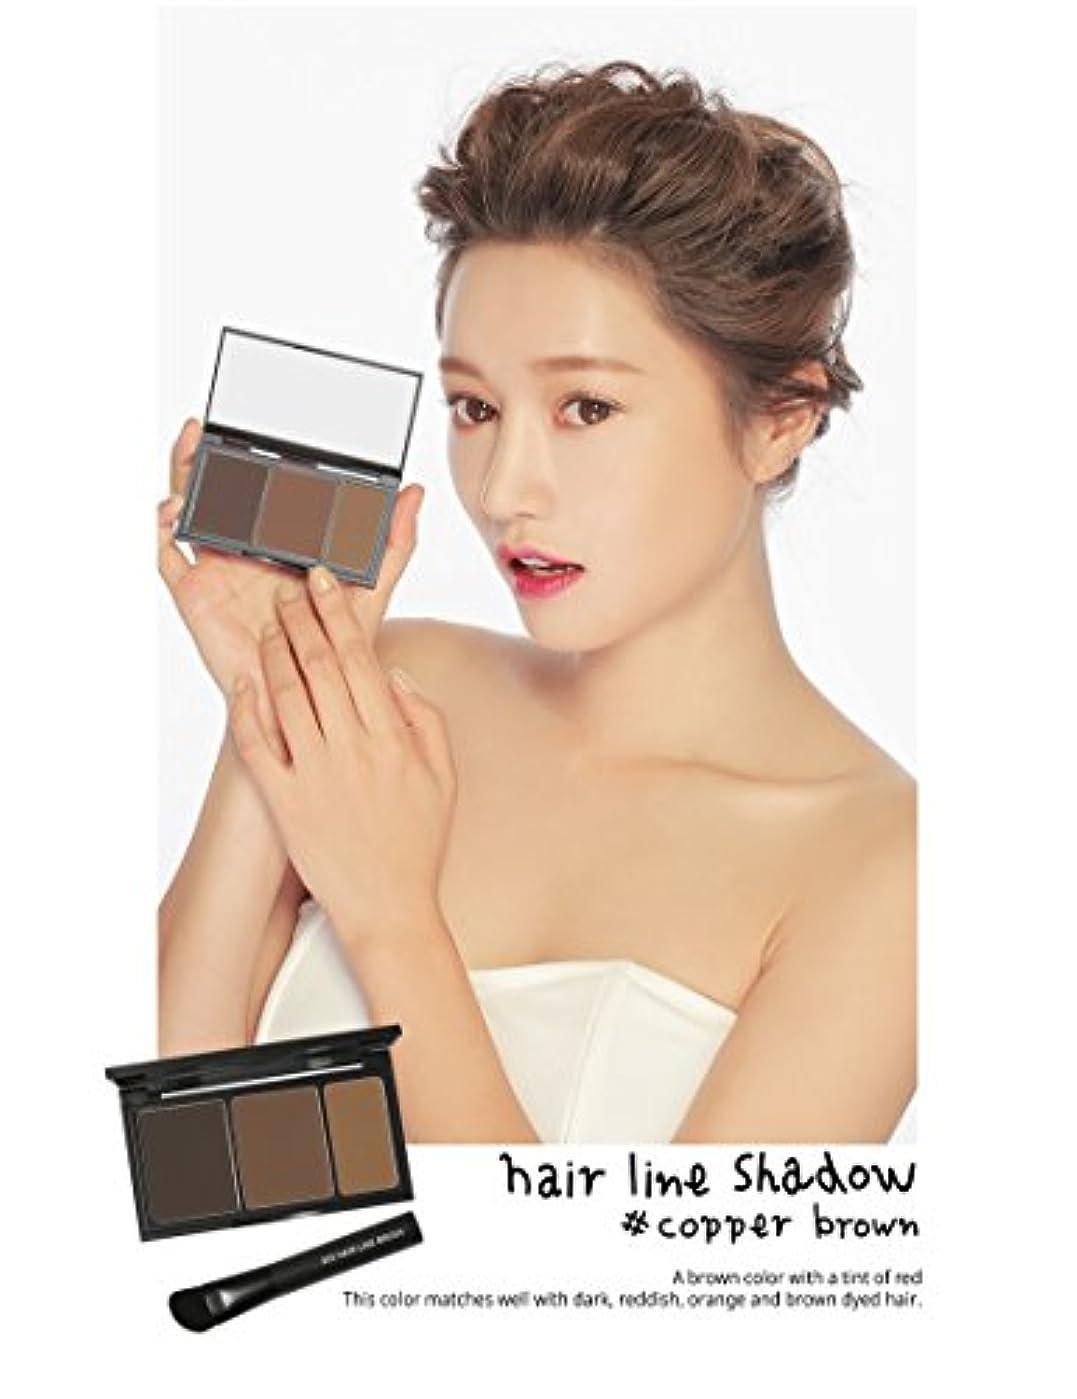 バレーボール世界記録のギネスブックブラザー3 Concept Eyes 3CE Hair Line Shadow ヘアラインシャドー(Copper Brown)